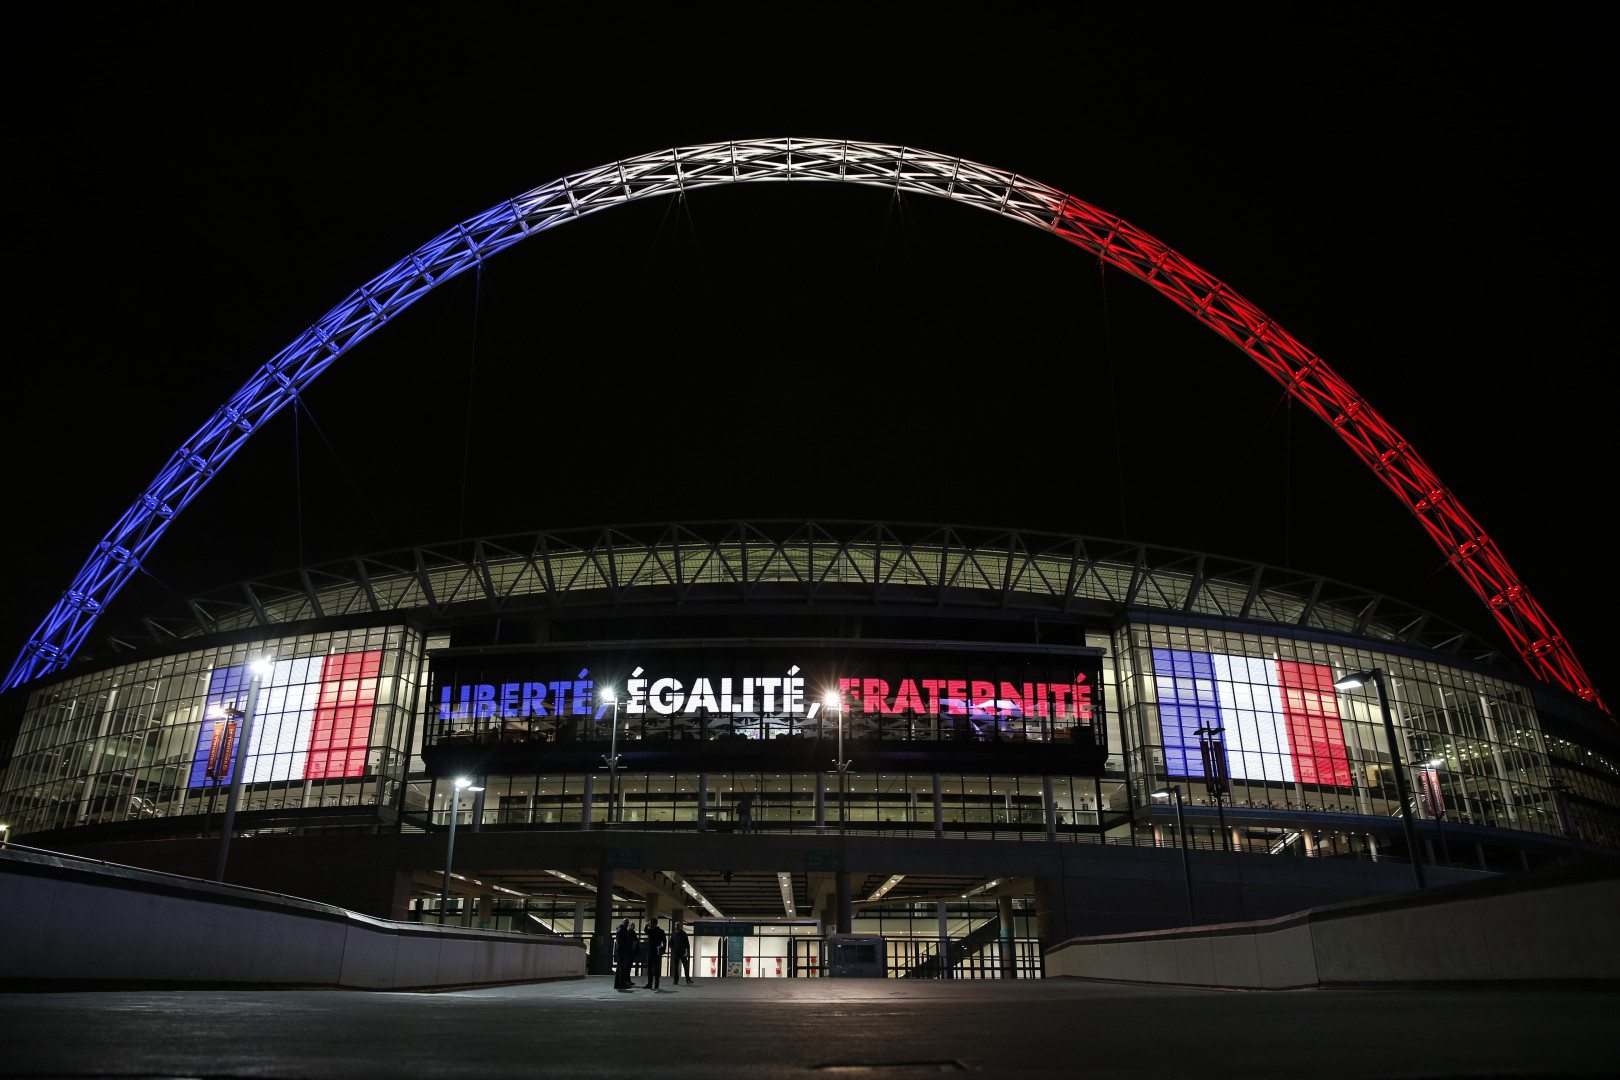 Le stade de Wembley aux couleurs de la France, le 15 novembre 2015